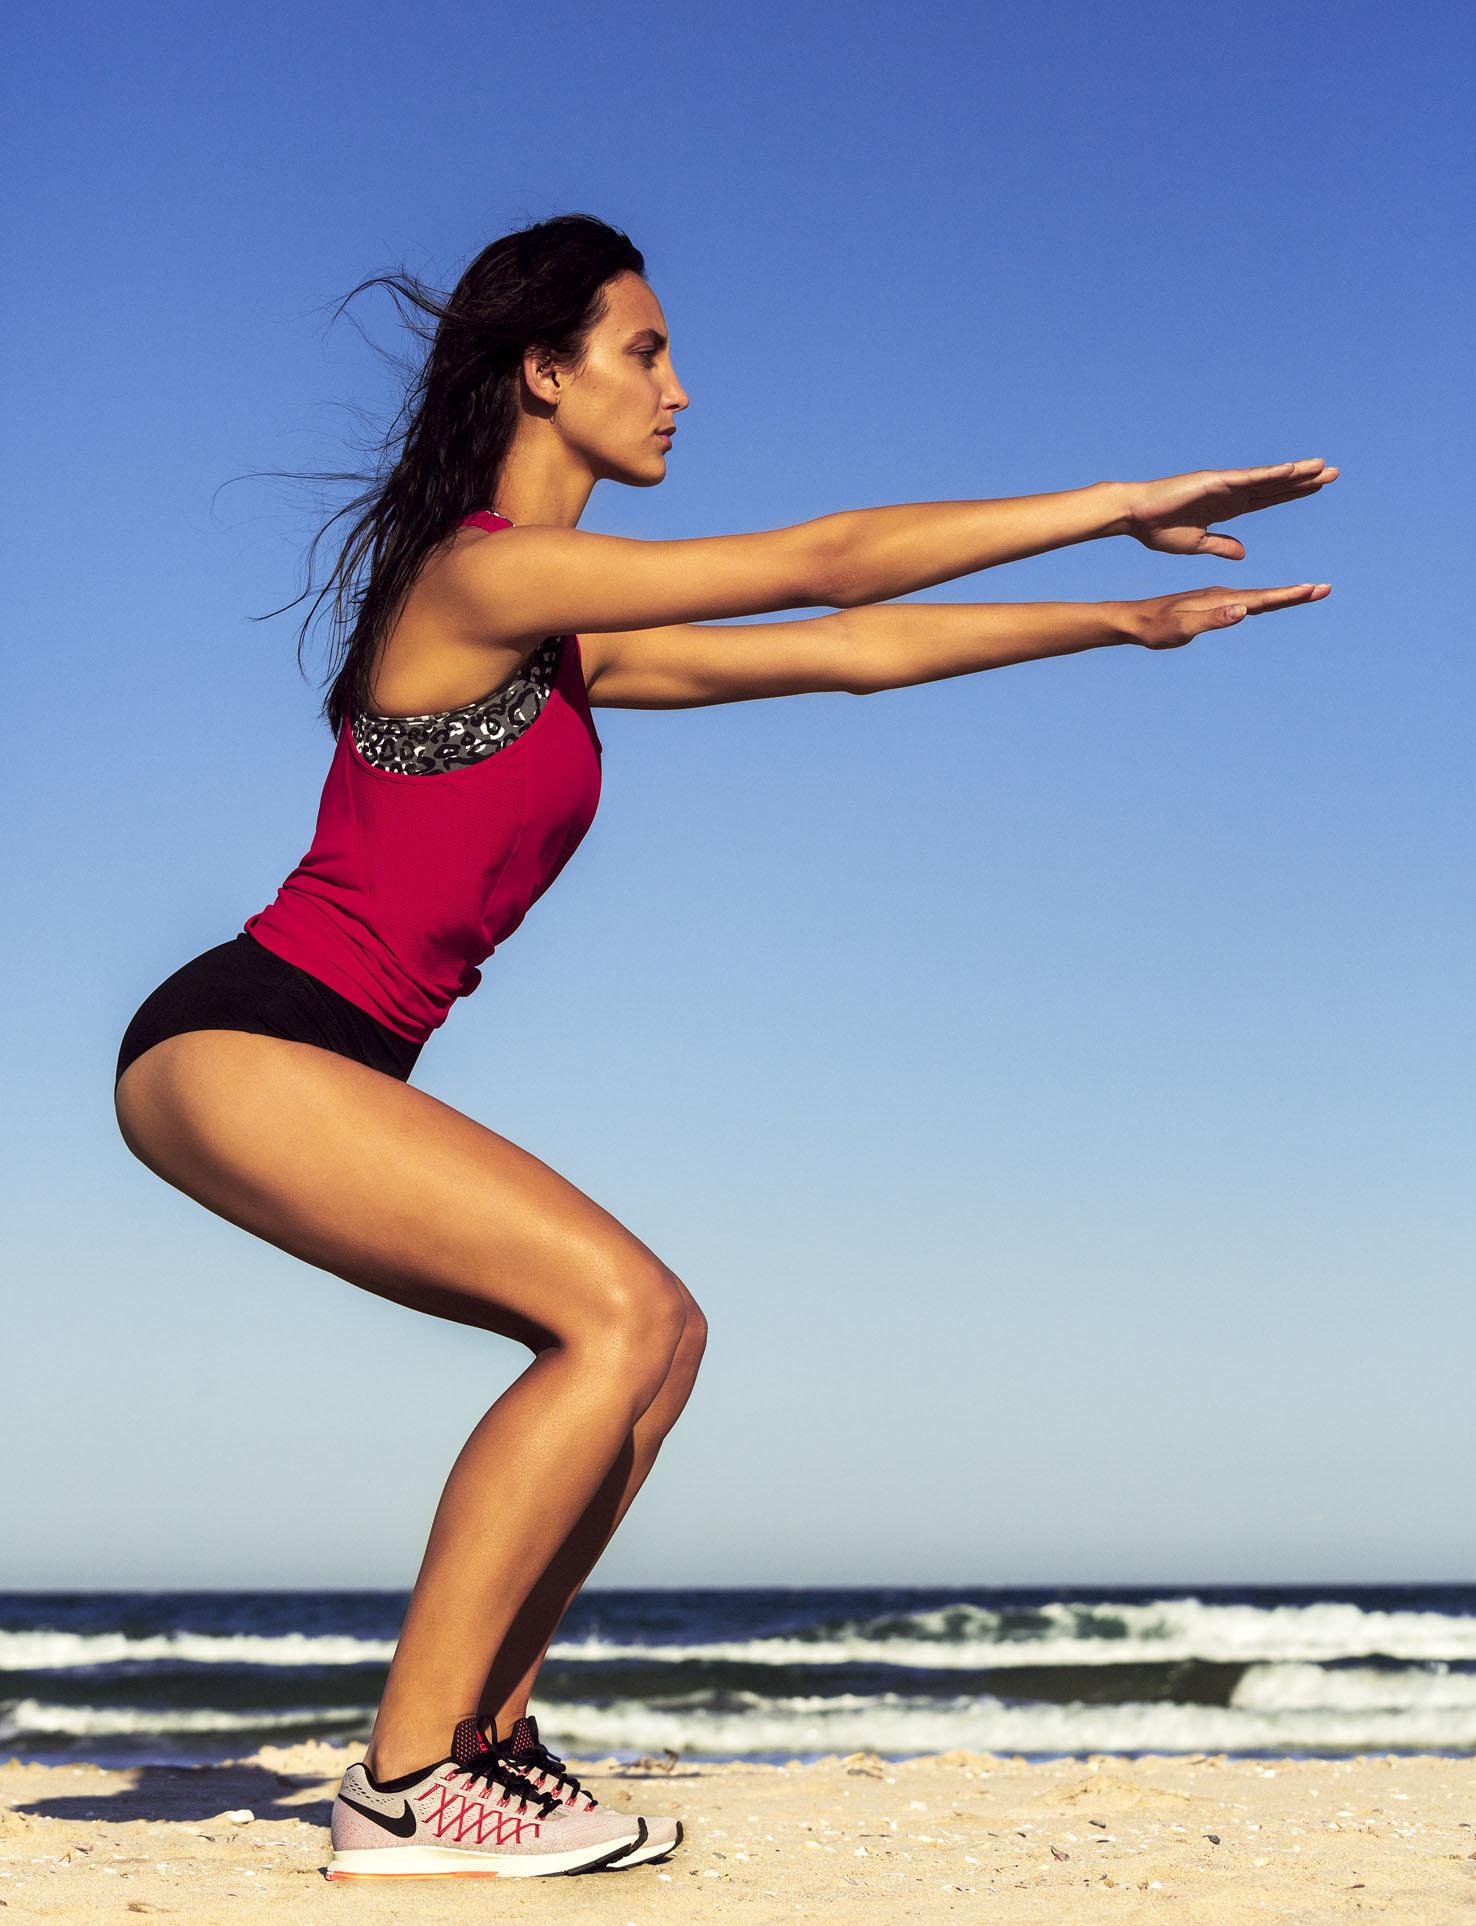 Encuentra una actividad que te guste y entrenar dejará de ser un sacrificio para convertirse en un momento para ti misma.